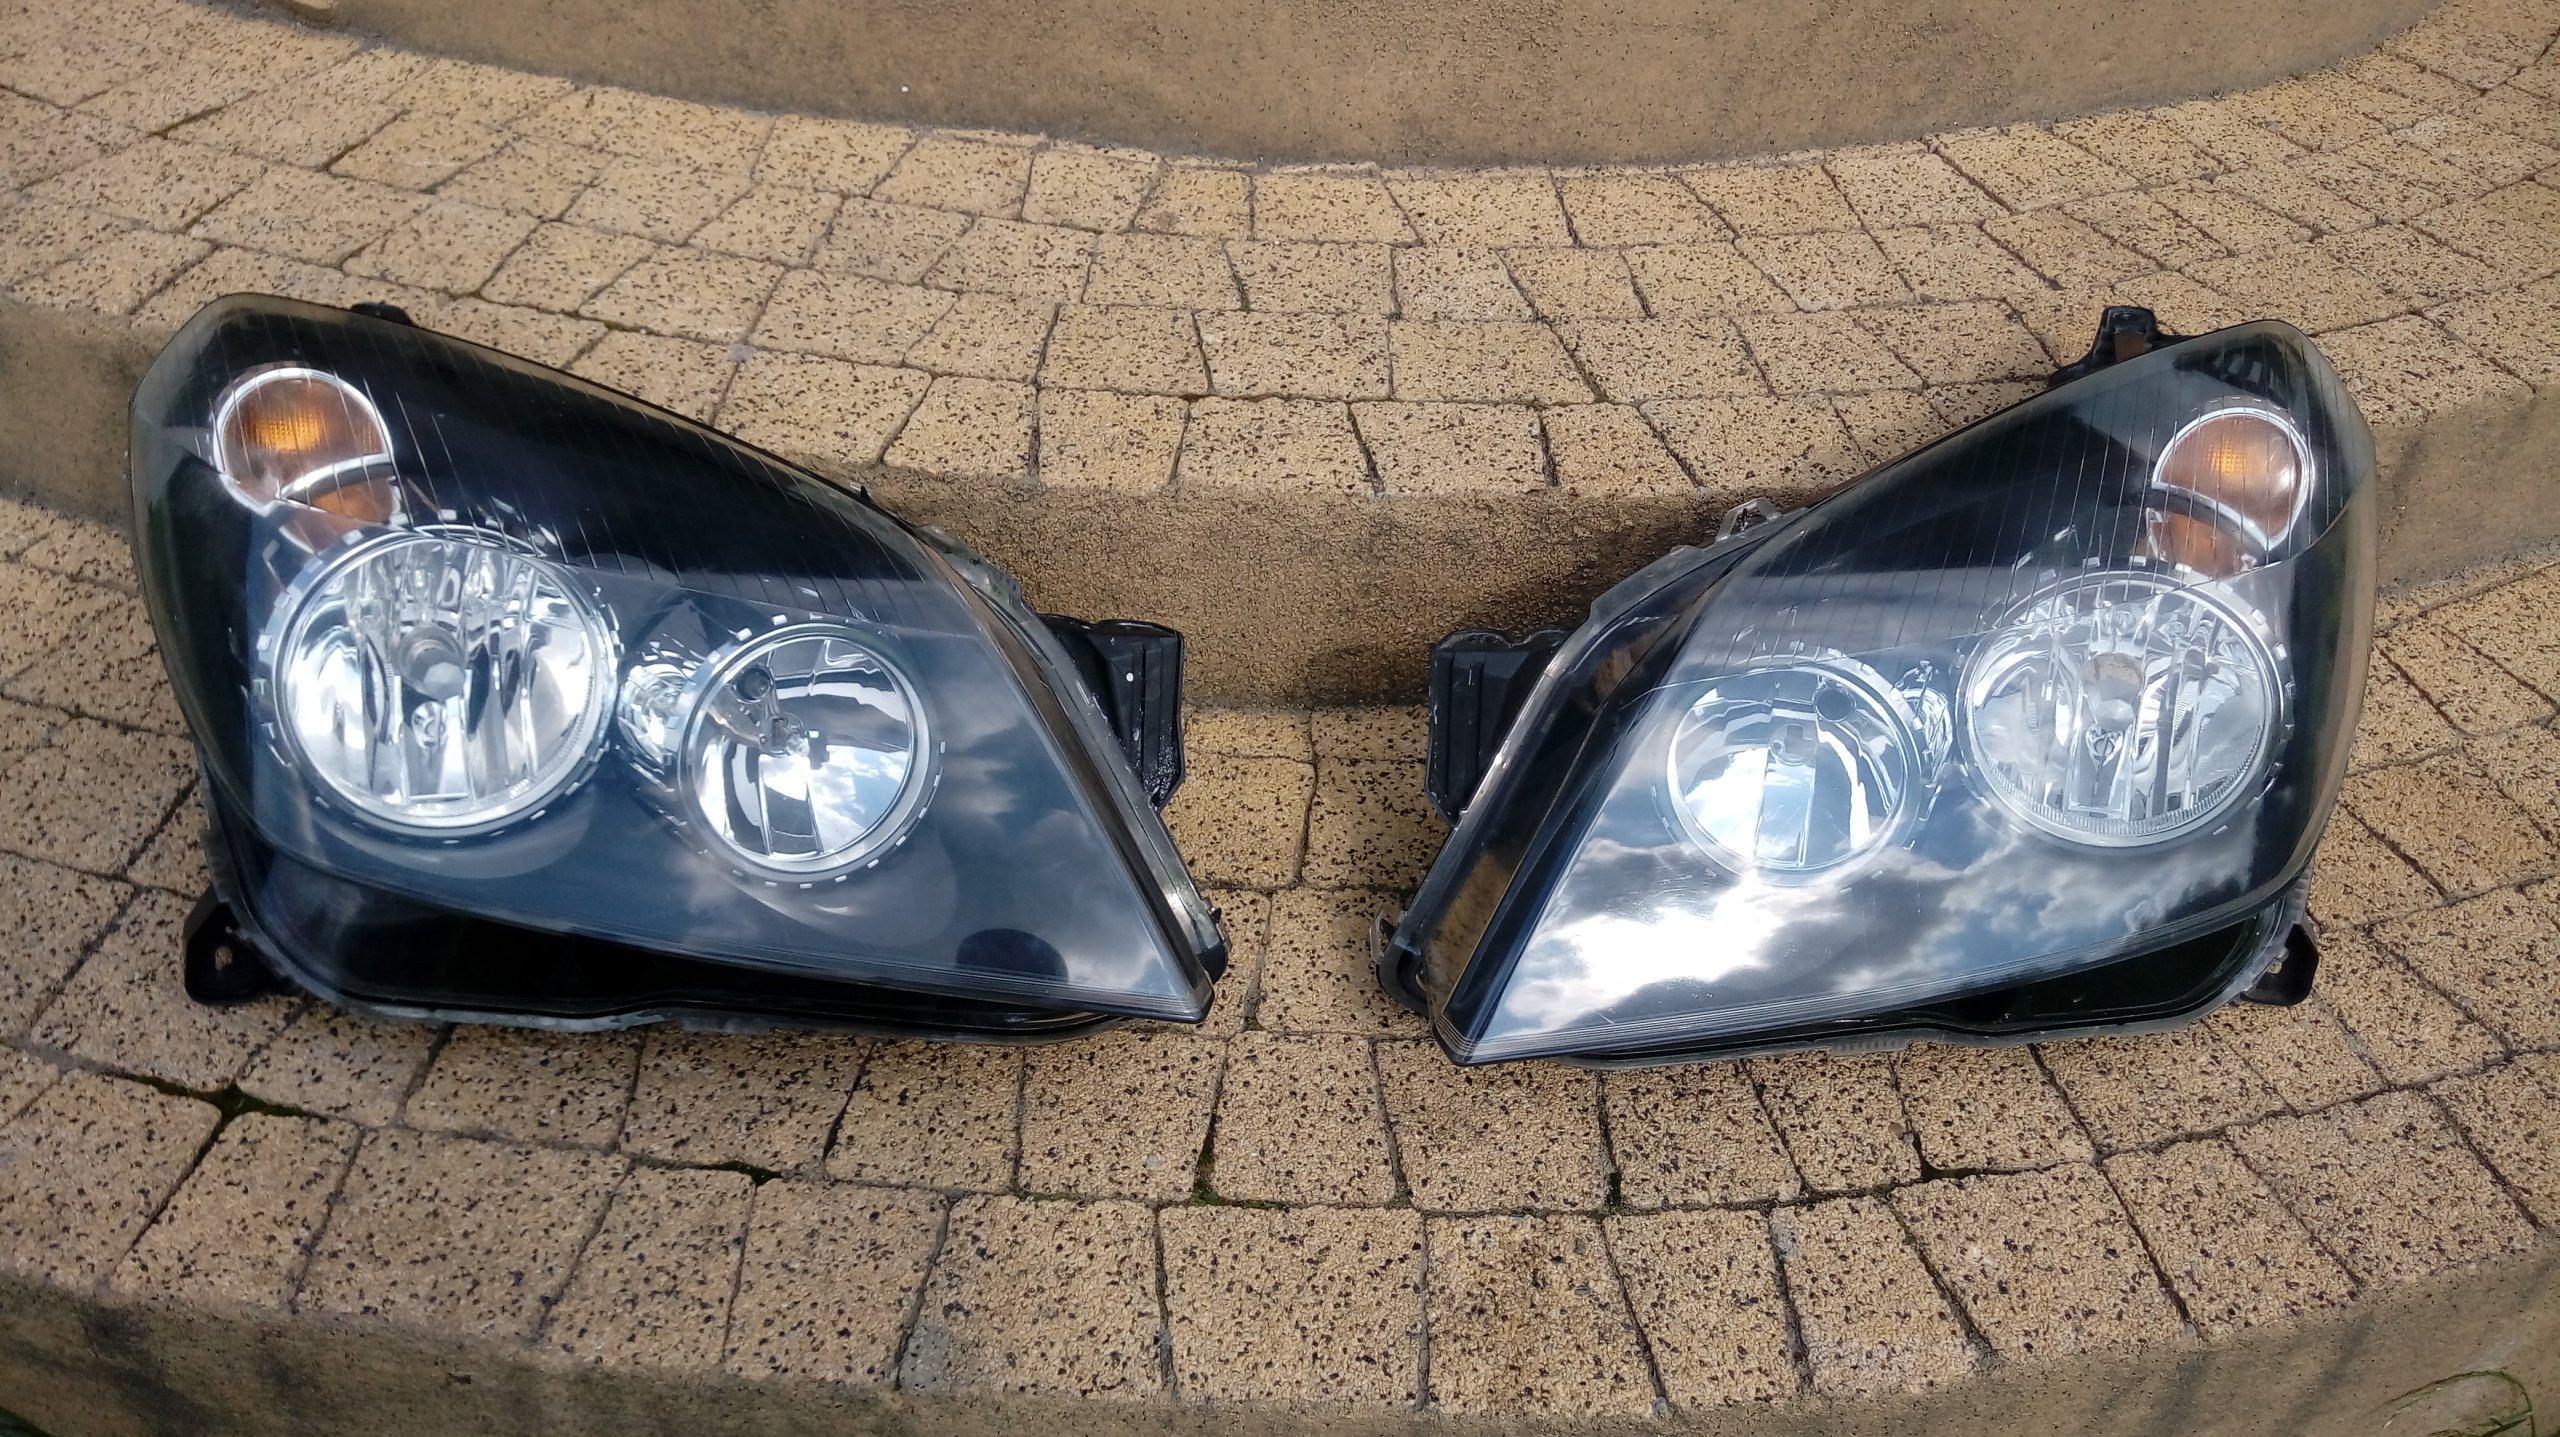 Opel Astra H Iii Lewa I Prawa ładna Lampa Przod 7652533862